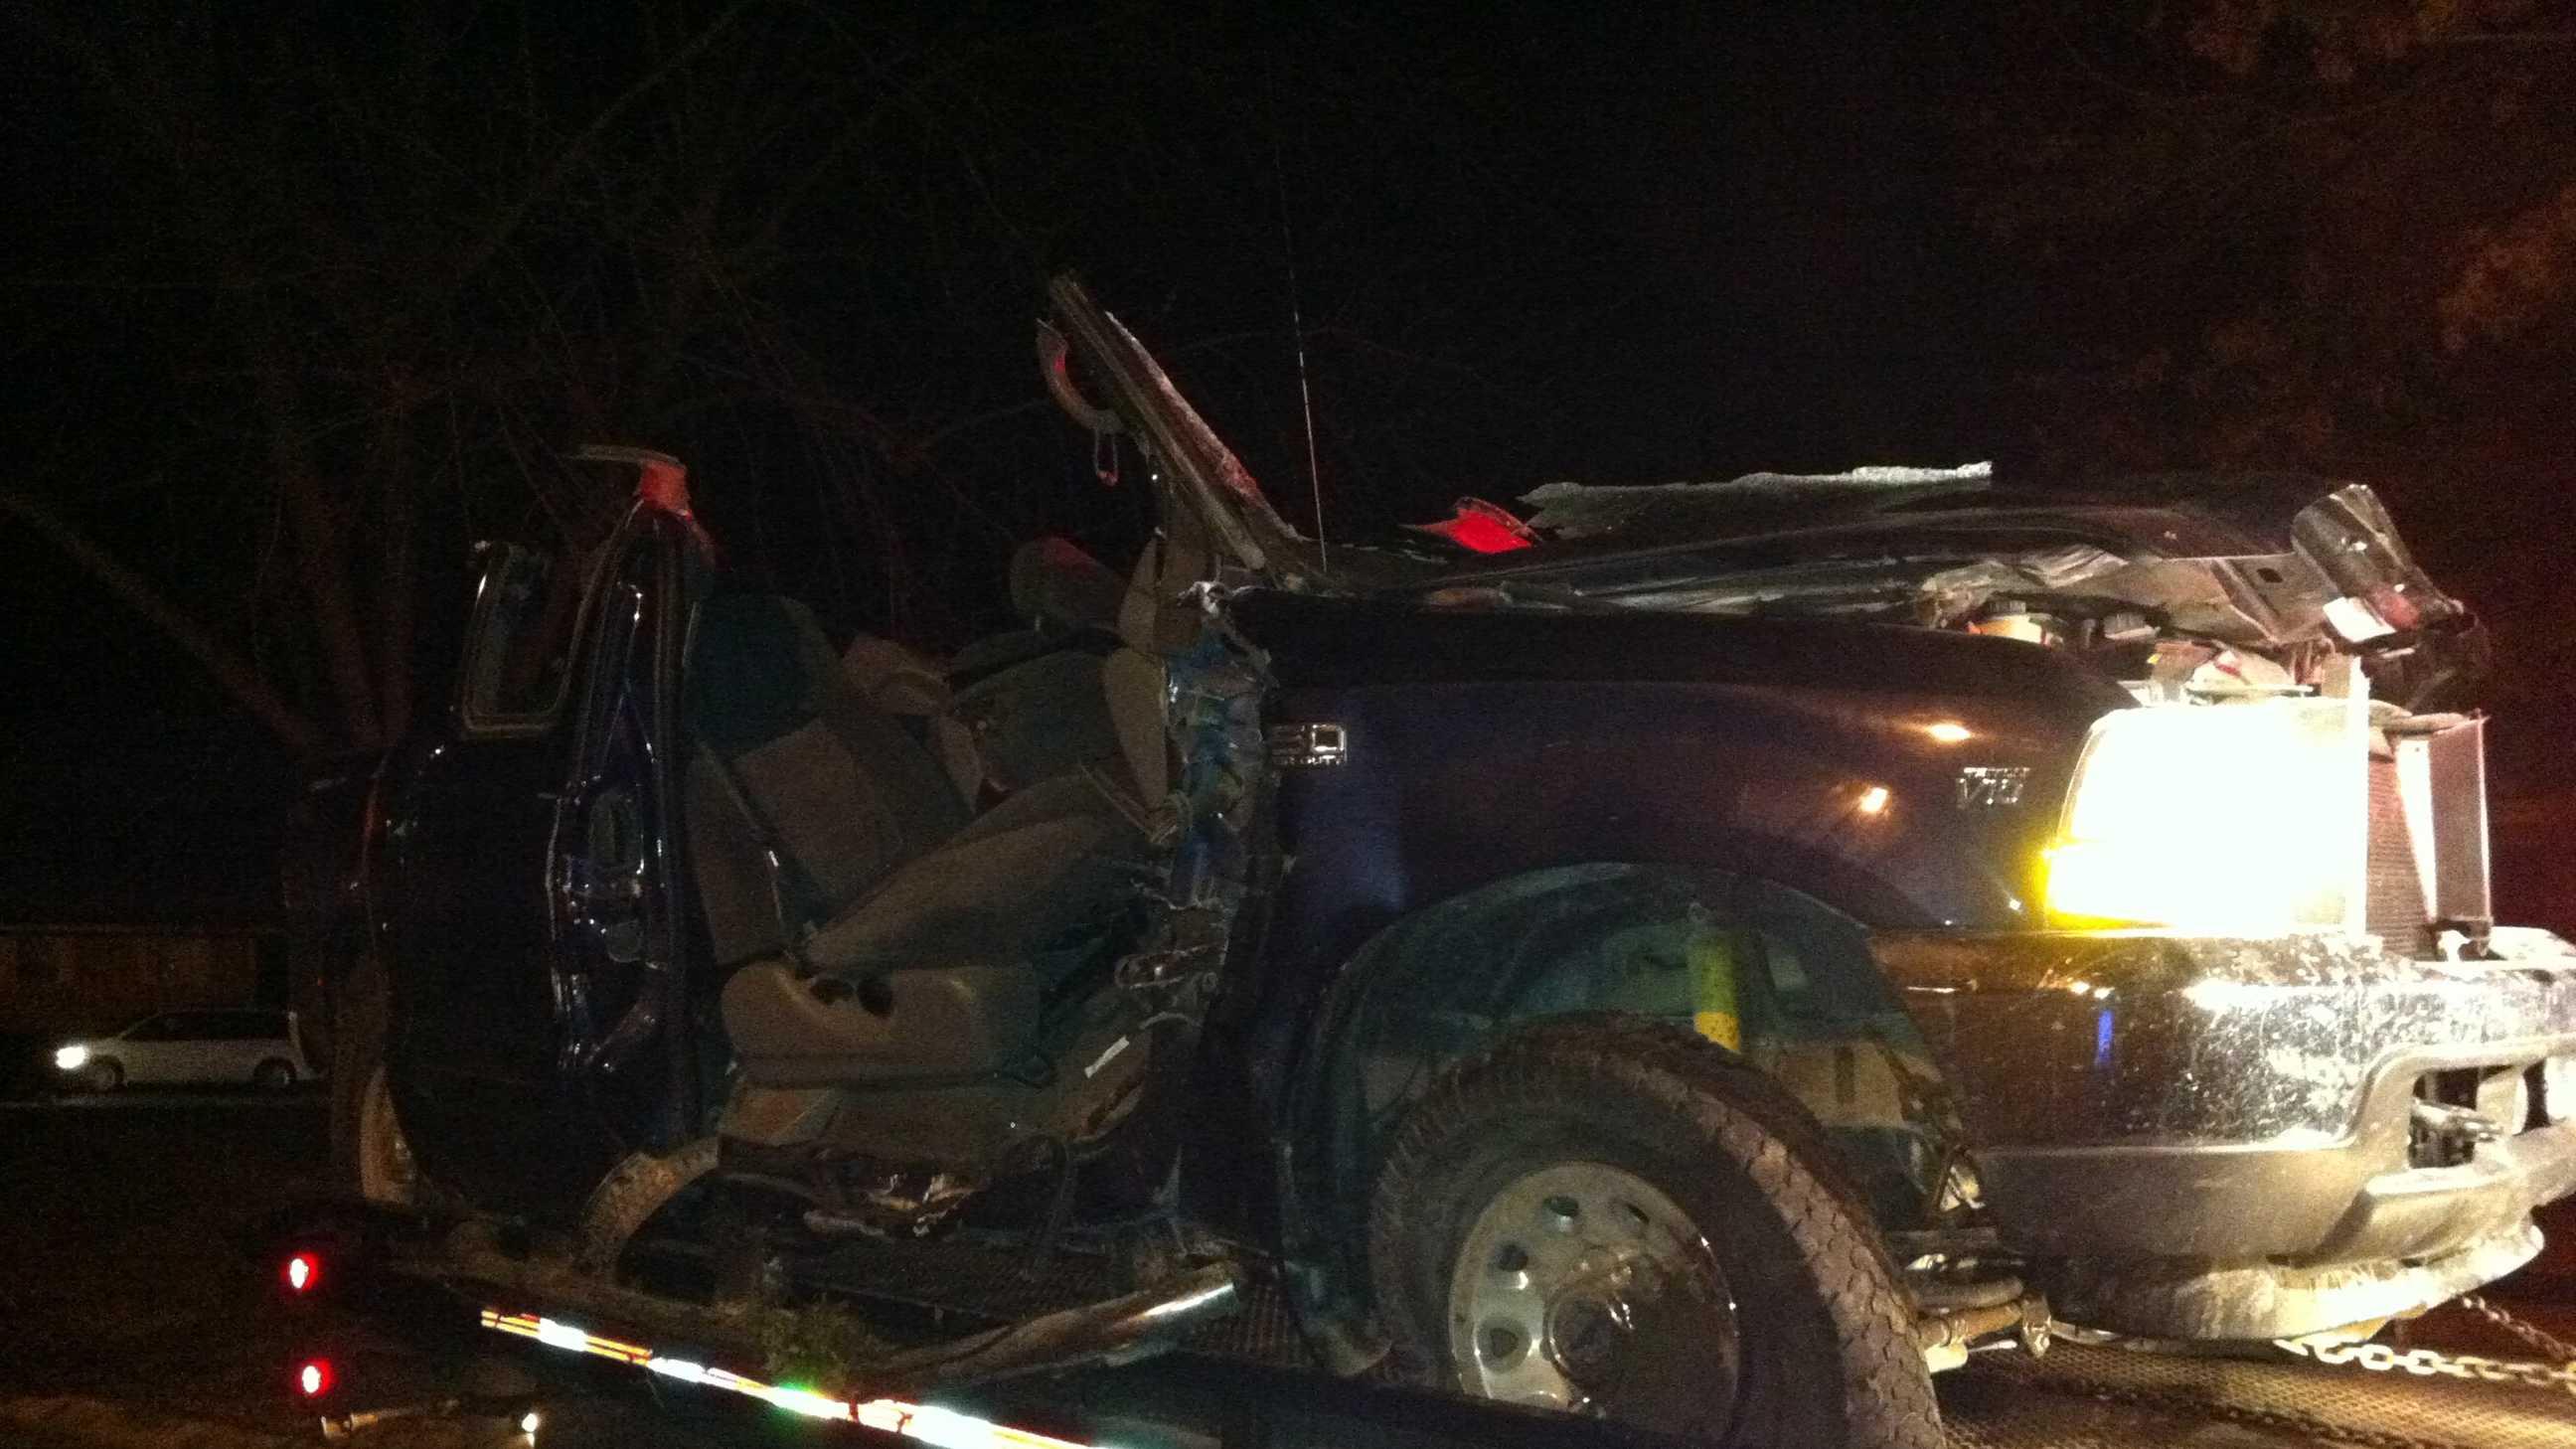 Belton chase and crash